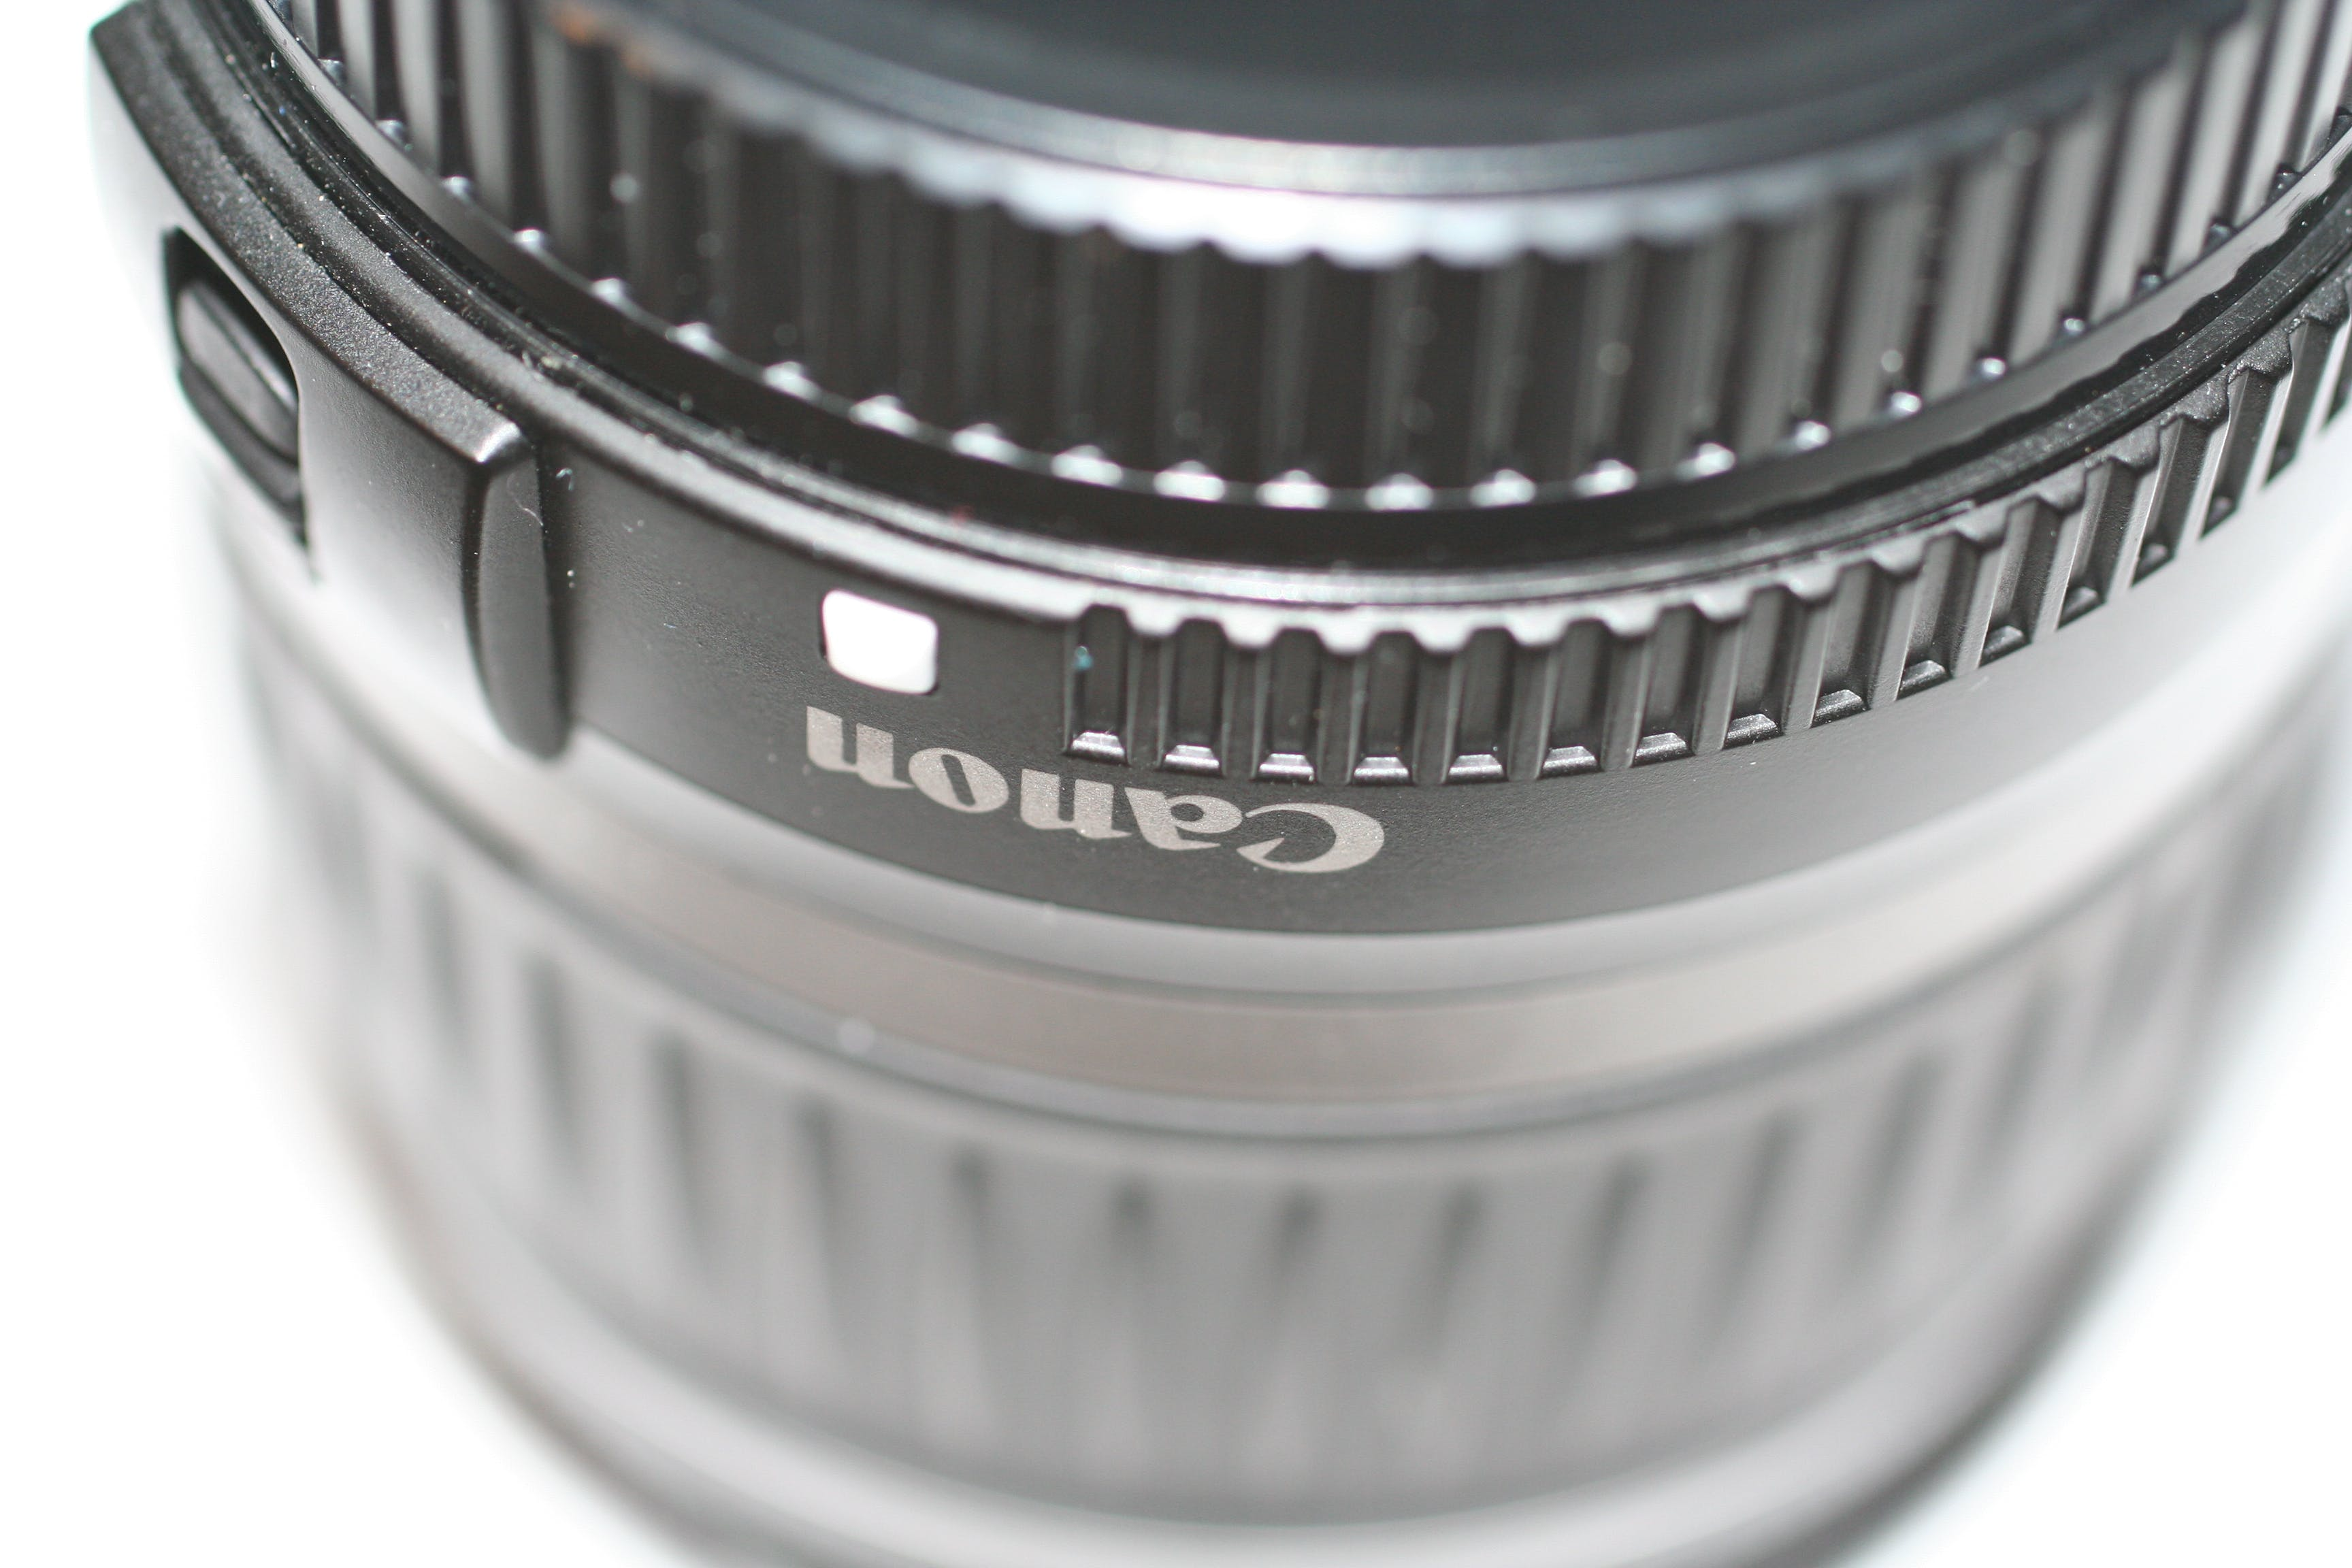 Gratis lagerfoto af canon linse, kamera, kameraer, kameralinse